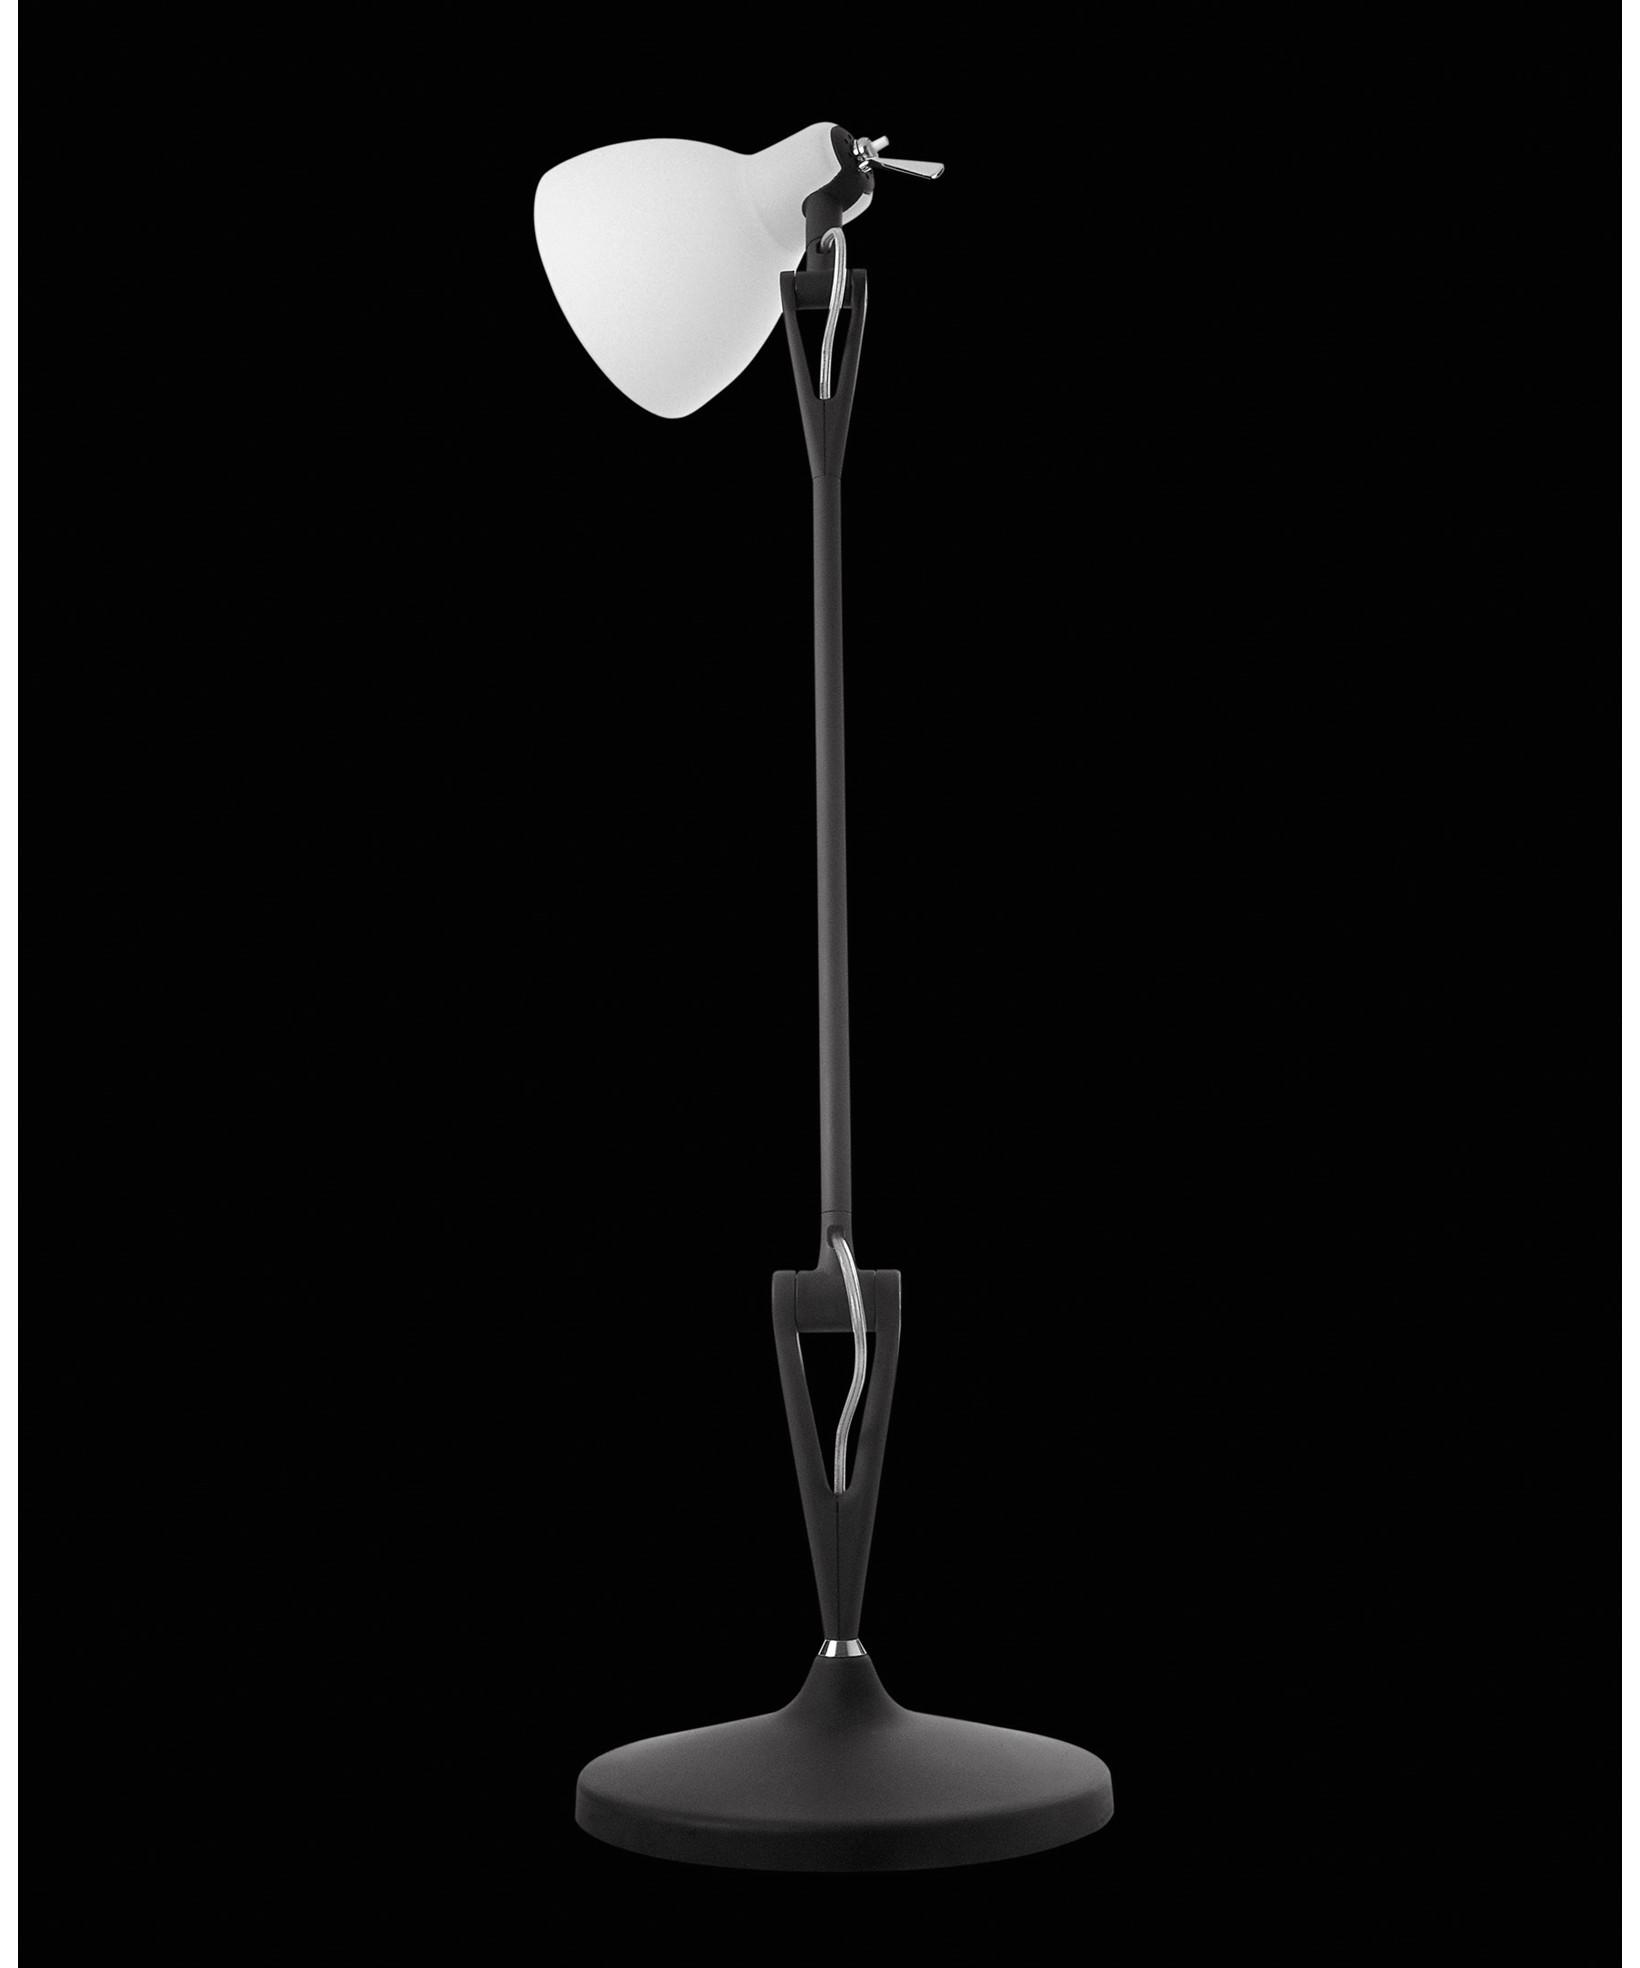 Billede af Luxy T1 Bordlampe Sort/Blank Hvid - Rotaliana